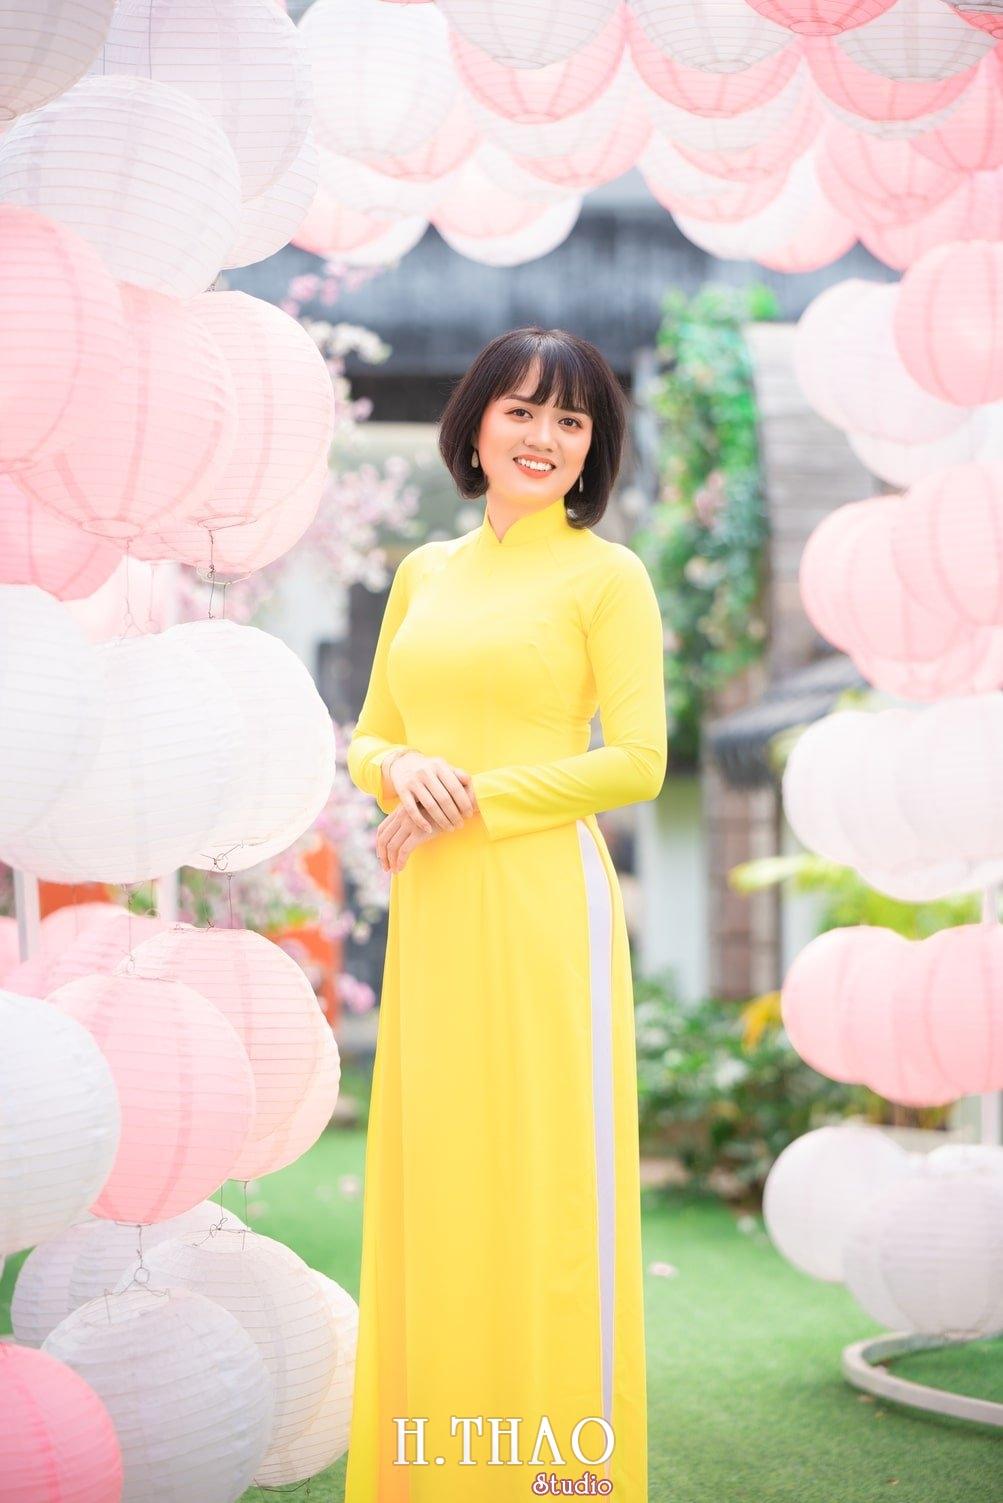 Ao dai tet 2021 2 - Album áo dài xuân chị Trang chụp tại Alibaba tuyệt đẹp - HThao Studio